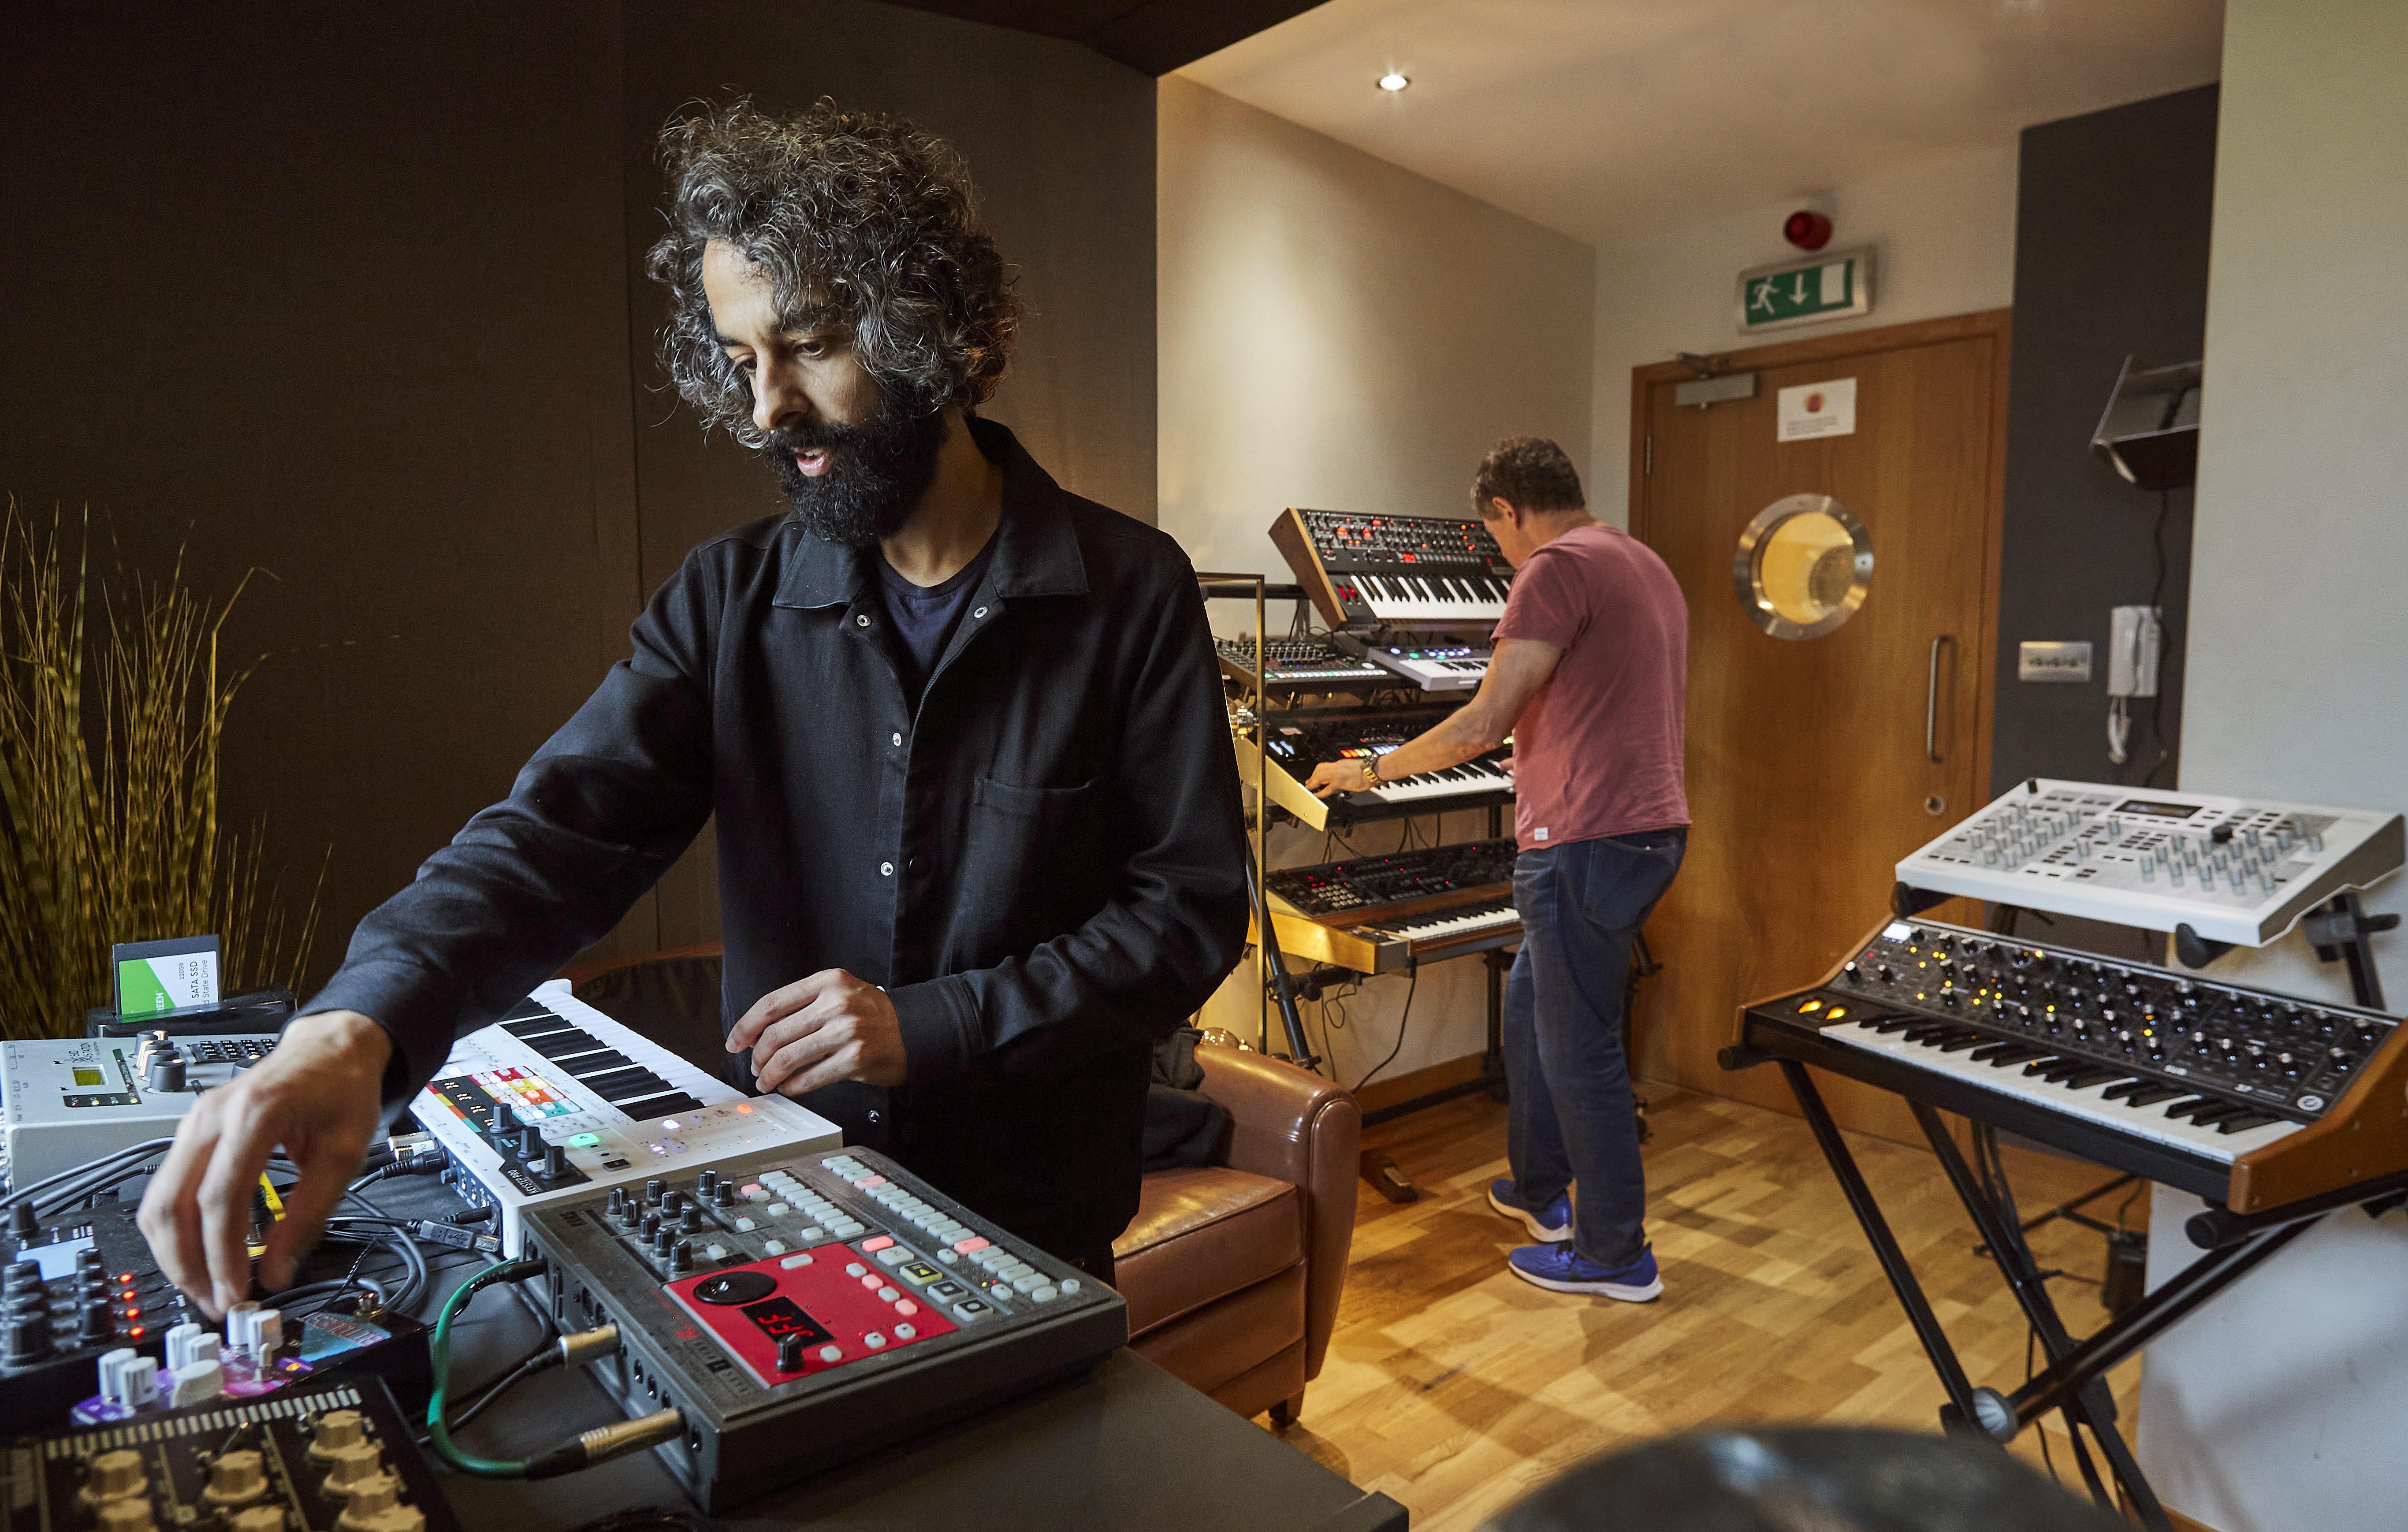 Two men using keyboards playing audio